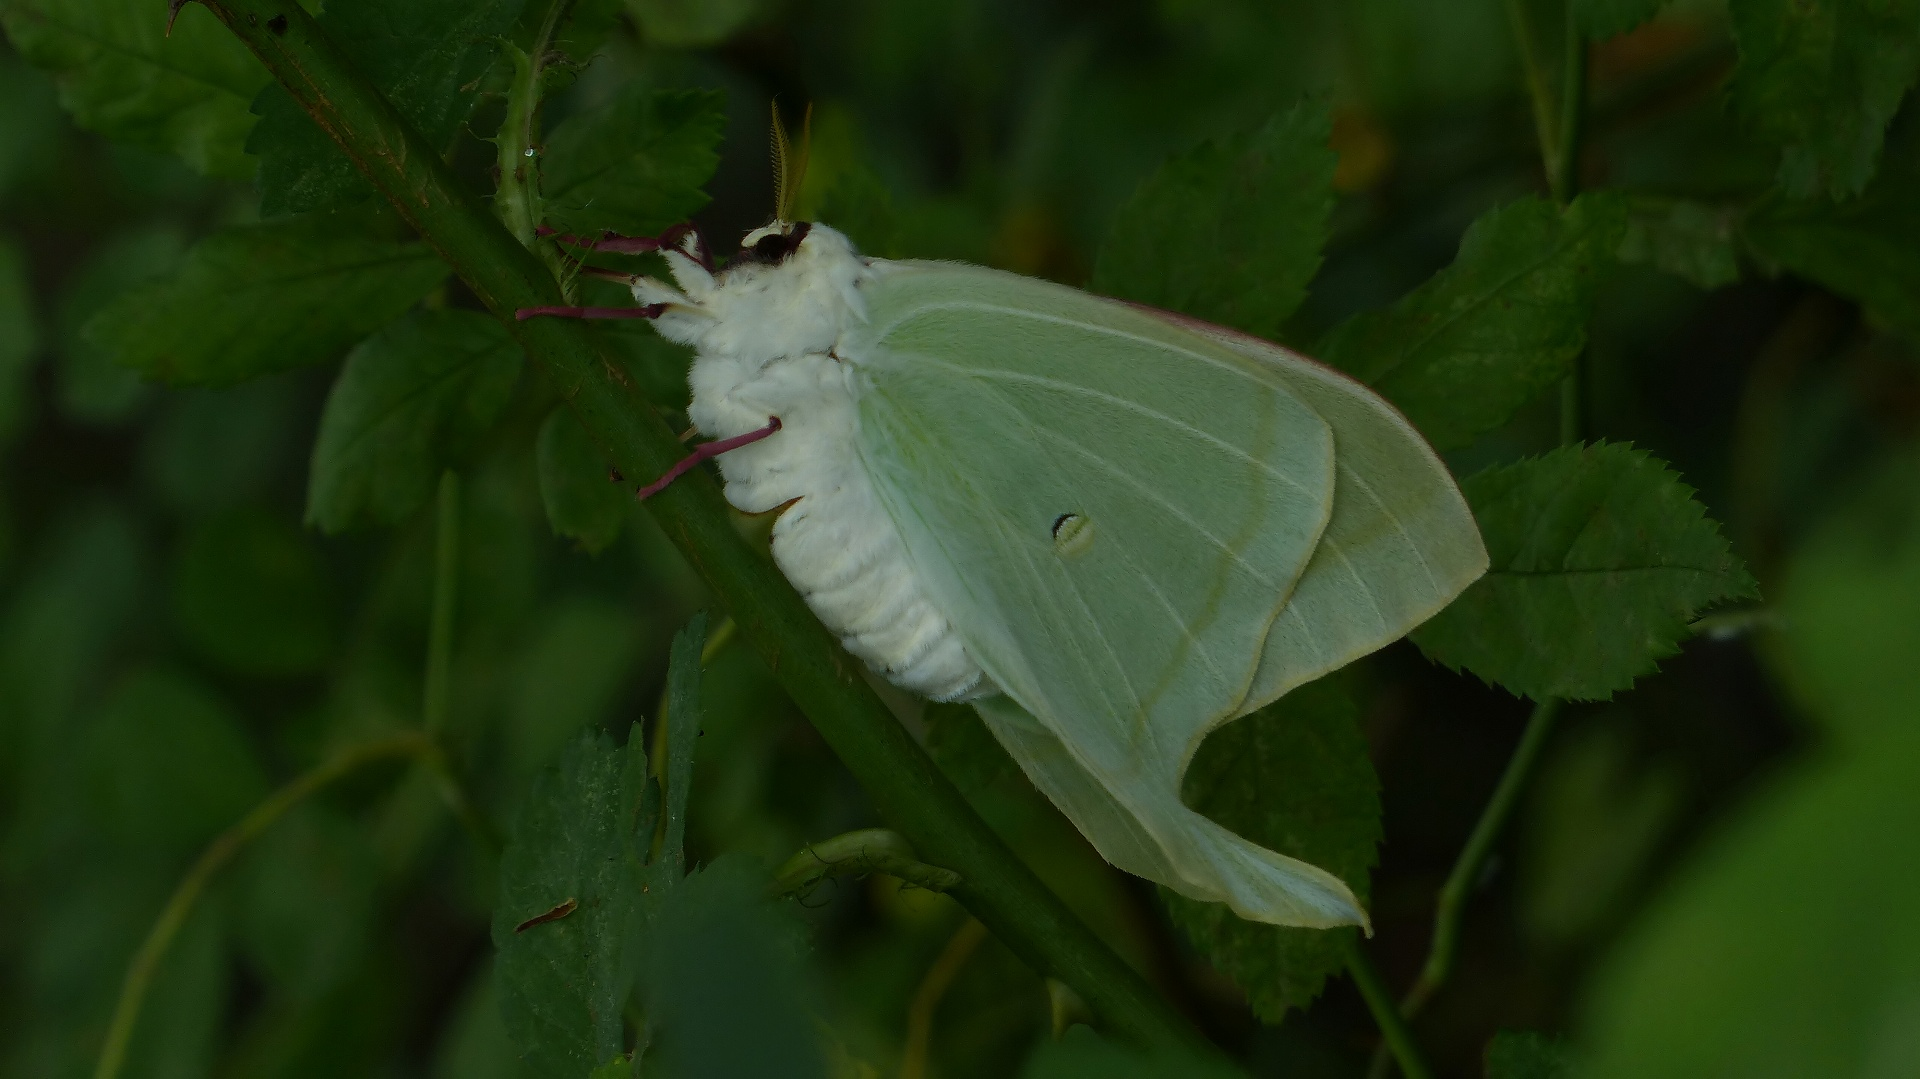 昆虫の森シリーズ 夕顔瓢箪とも呼ばれます_a0185081_11403485.jpg